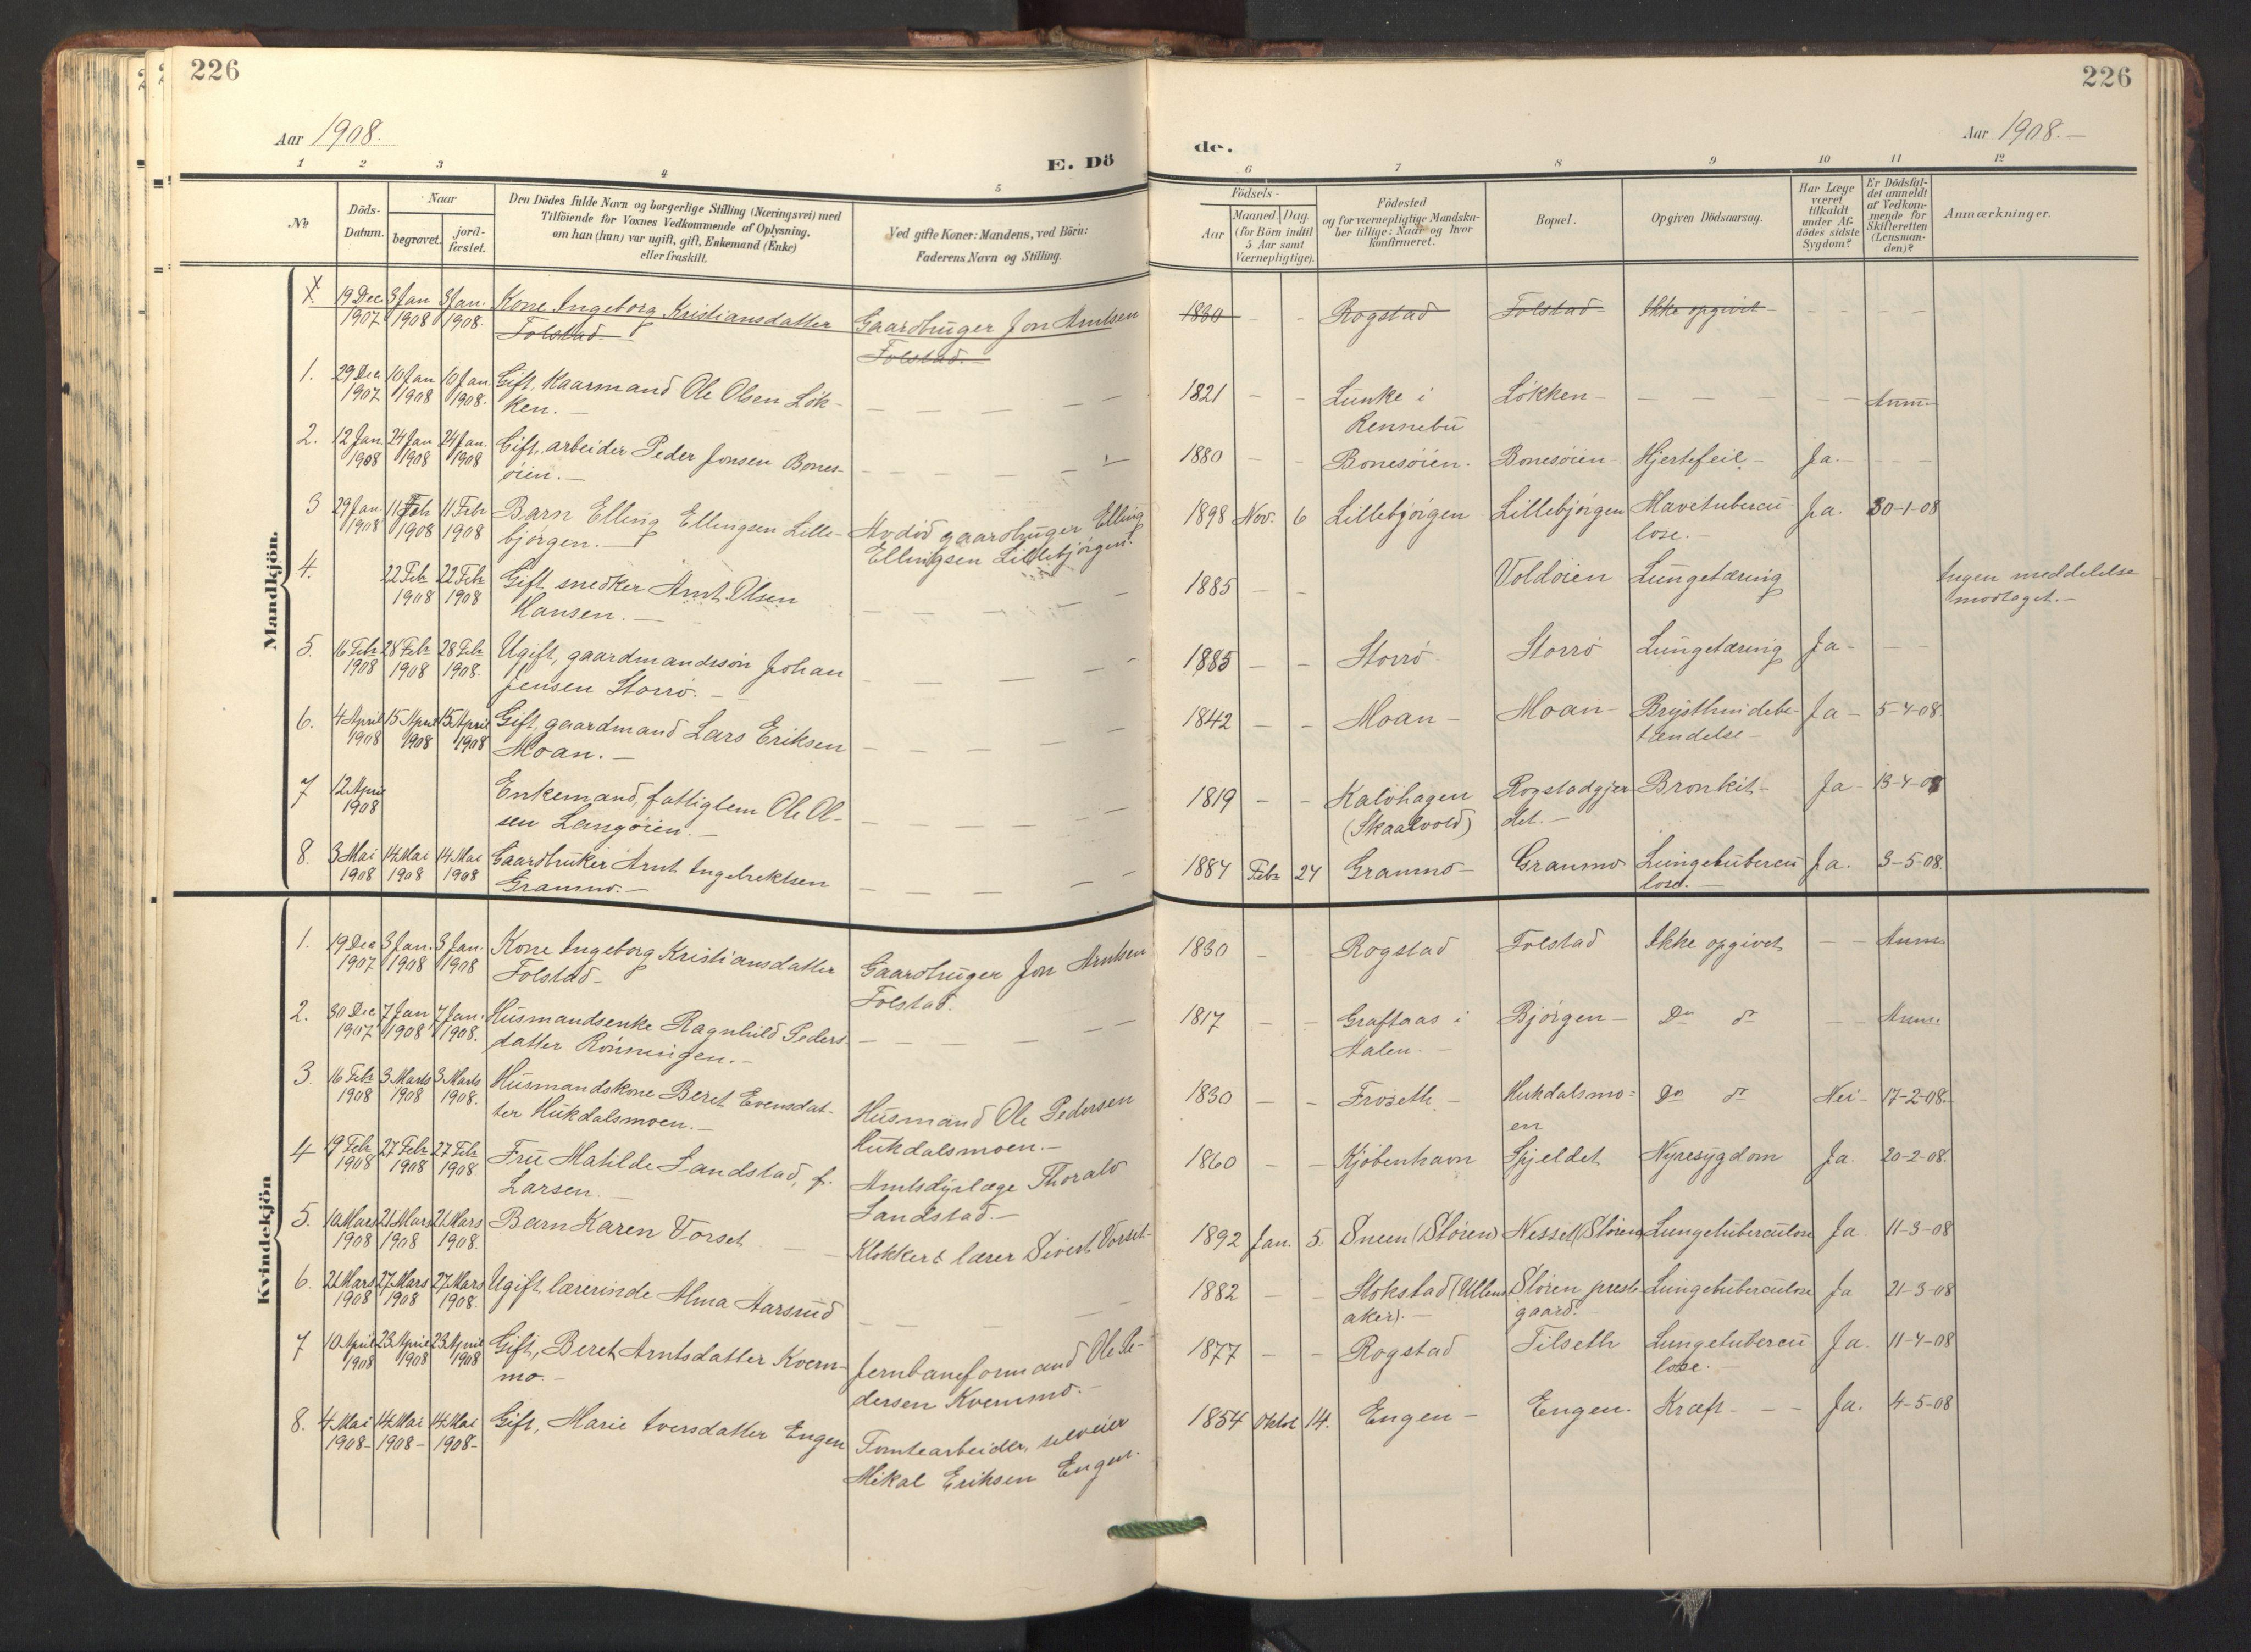 SAT, Ministerialprotokoller, klokkerbøker og fødselsregistre - Sør-Trøndelag, 687/L1019: Klokkerbok nr. 687C03, 1904-1931, s. 226